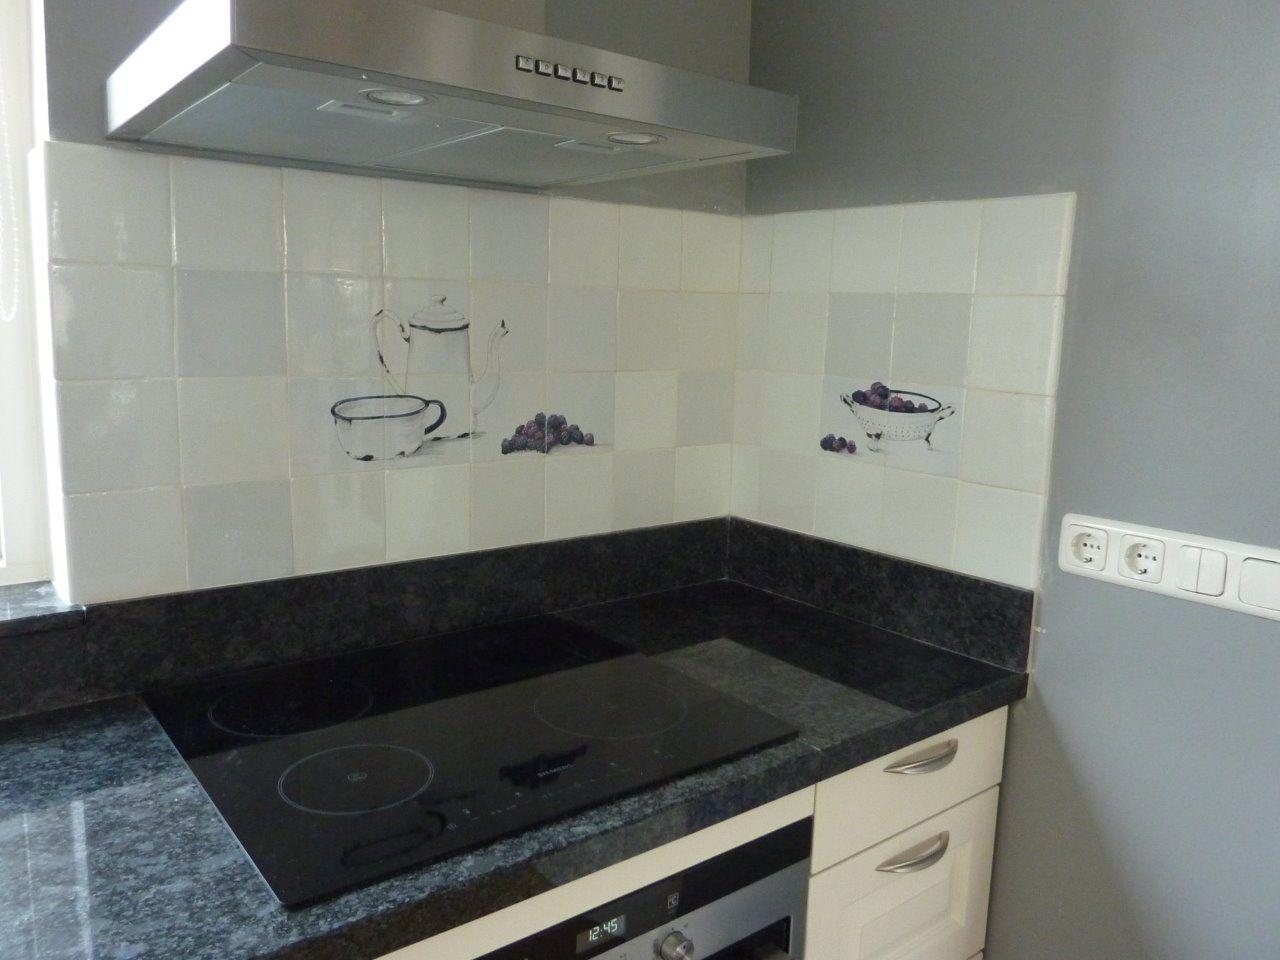 Keuken Witjes Achterwand : Keuken witjes tegels van toen witjes tiles